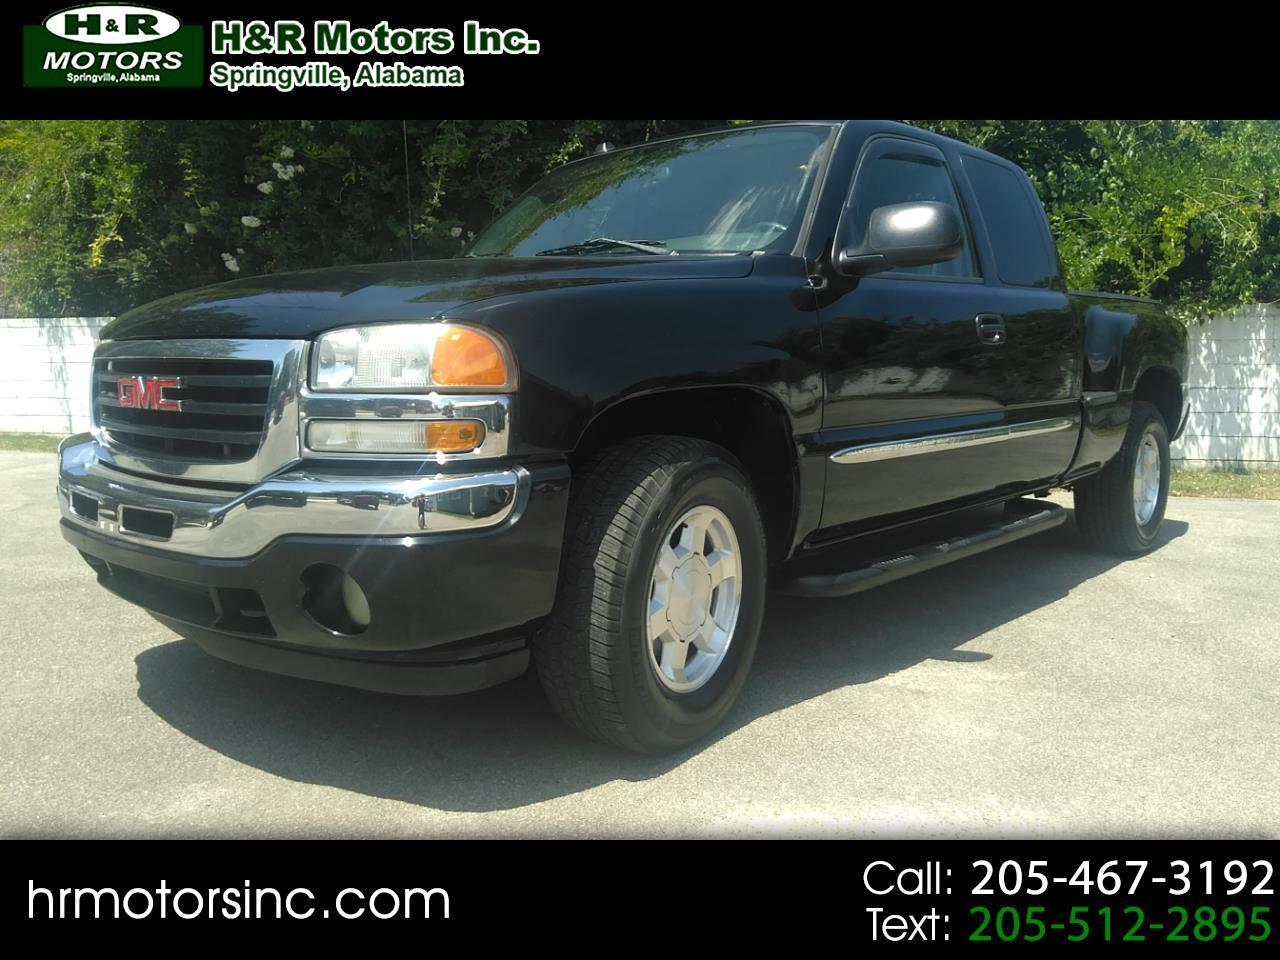 2005 GMC Sierra 1500 1500